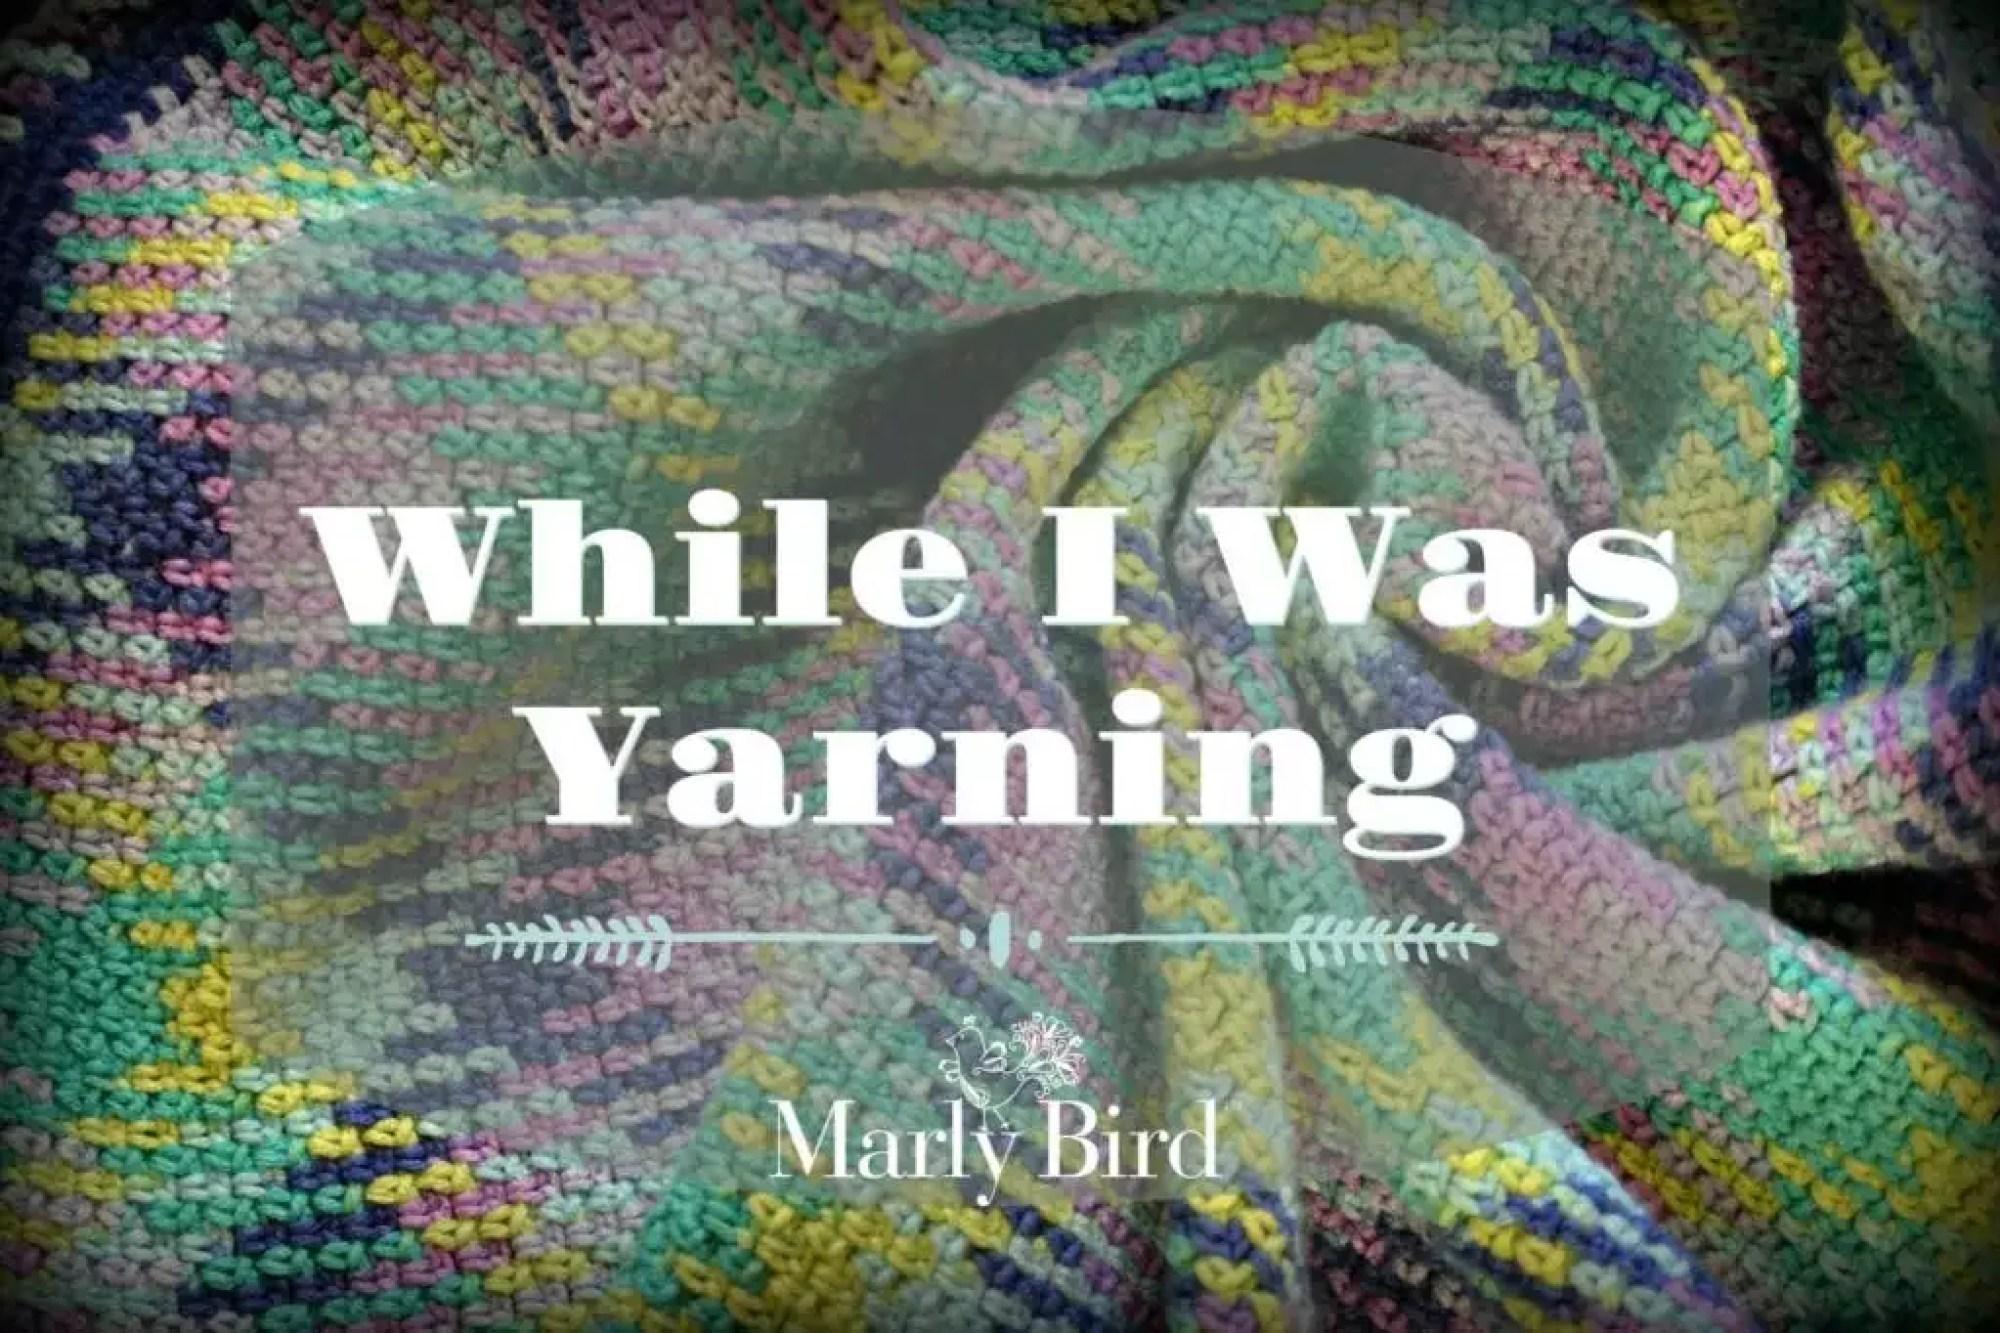 While I was Yarning